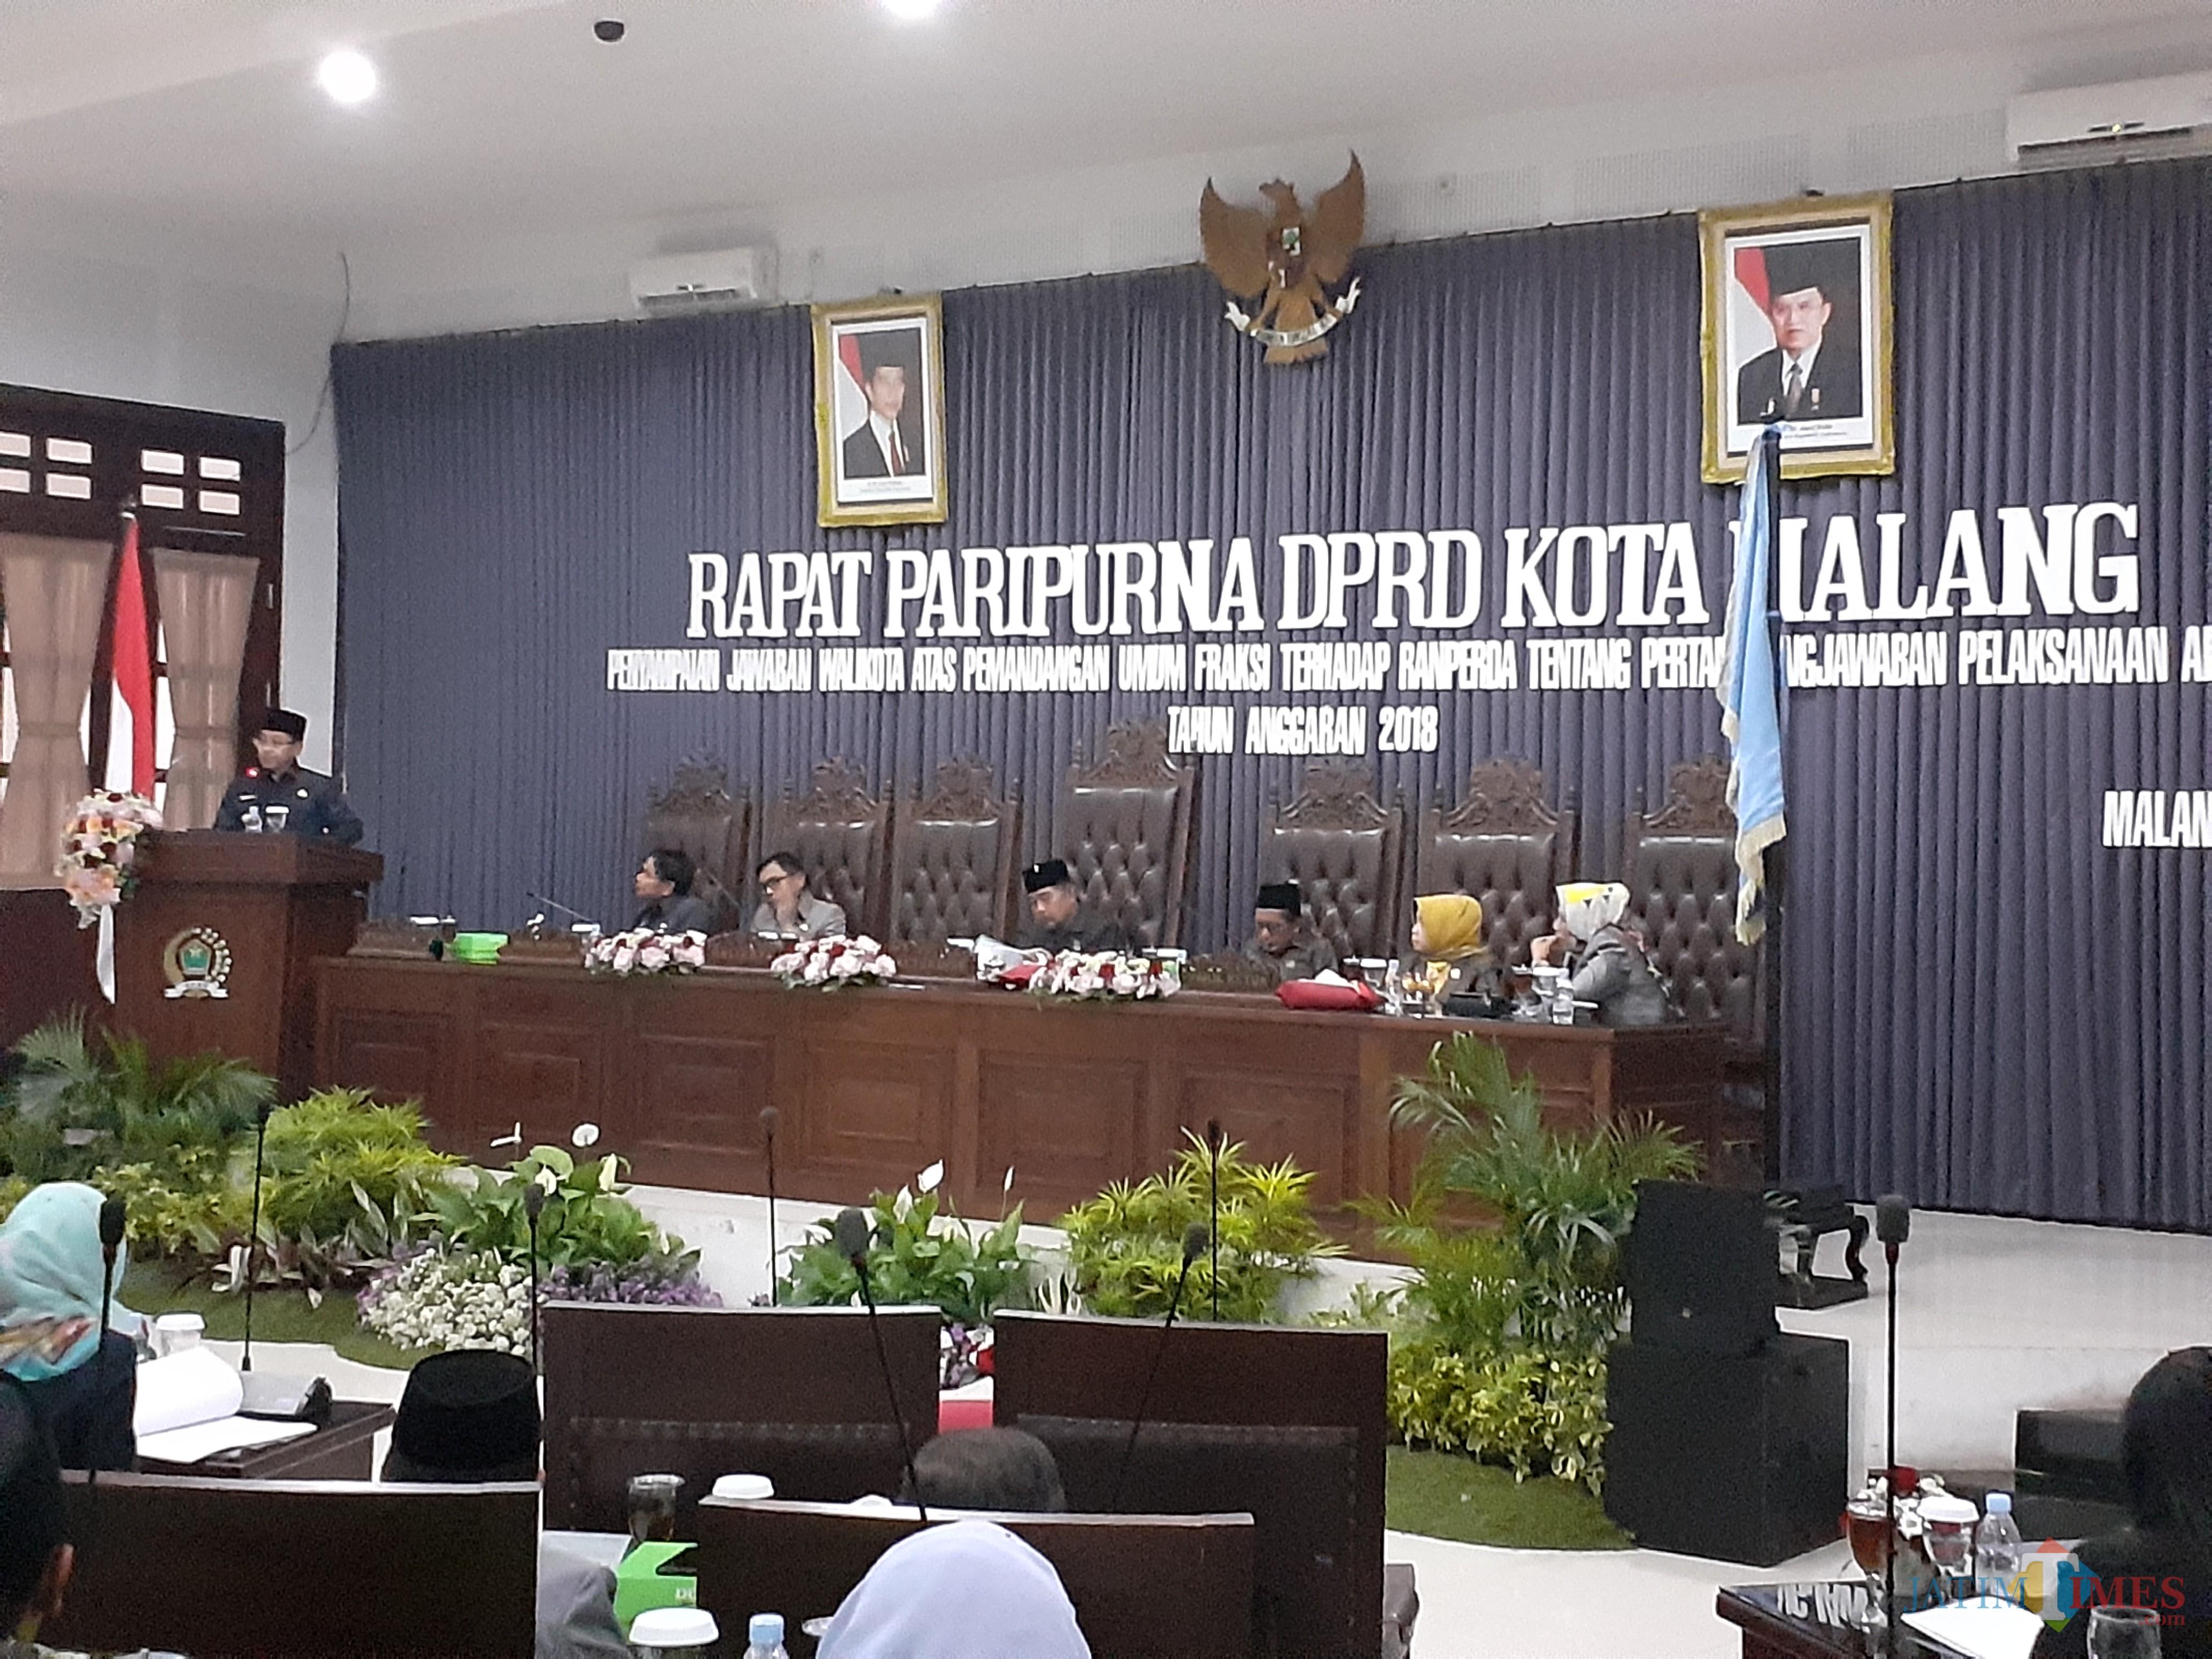 Suasana rapat paripurna di Kantor DPRD Kota Malang. (Arifina Cahyanti Firdausi/MalangTIMES)